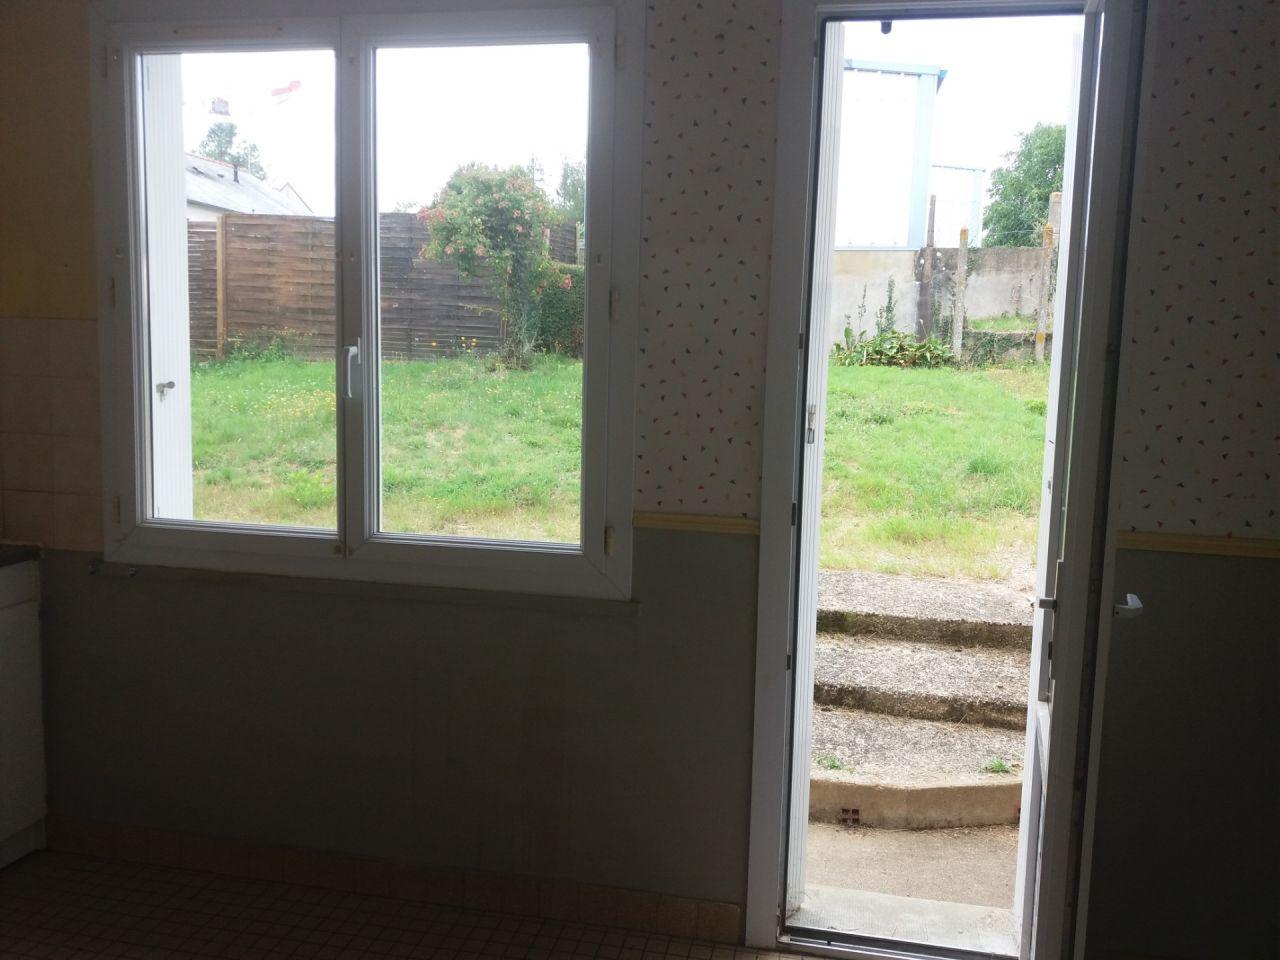 cuisine actuellement _ porte fenêtre avec le seul accès au jardin, allège sous la fenêtre de 80cm